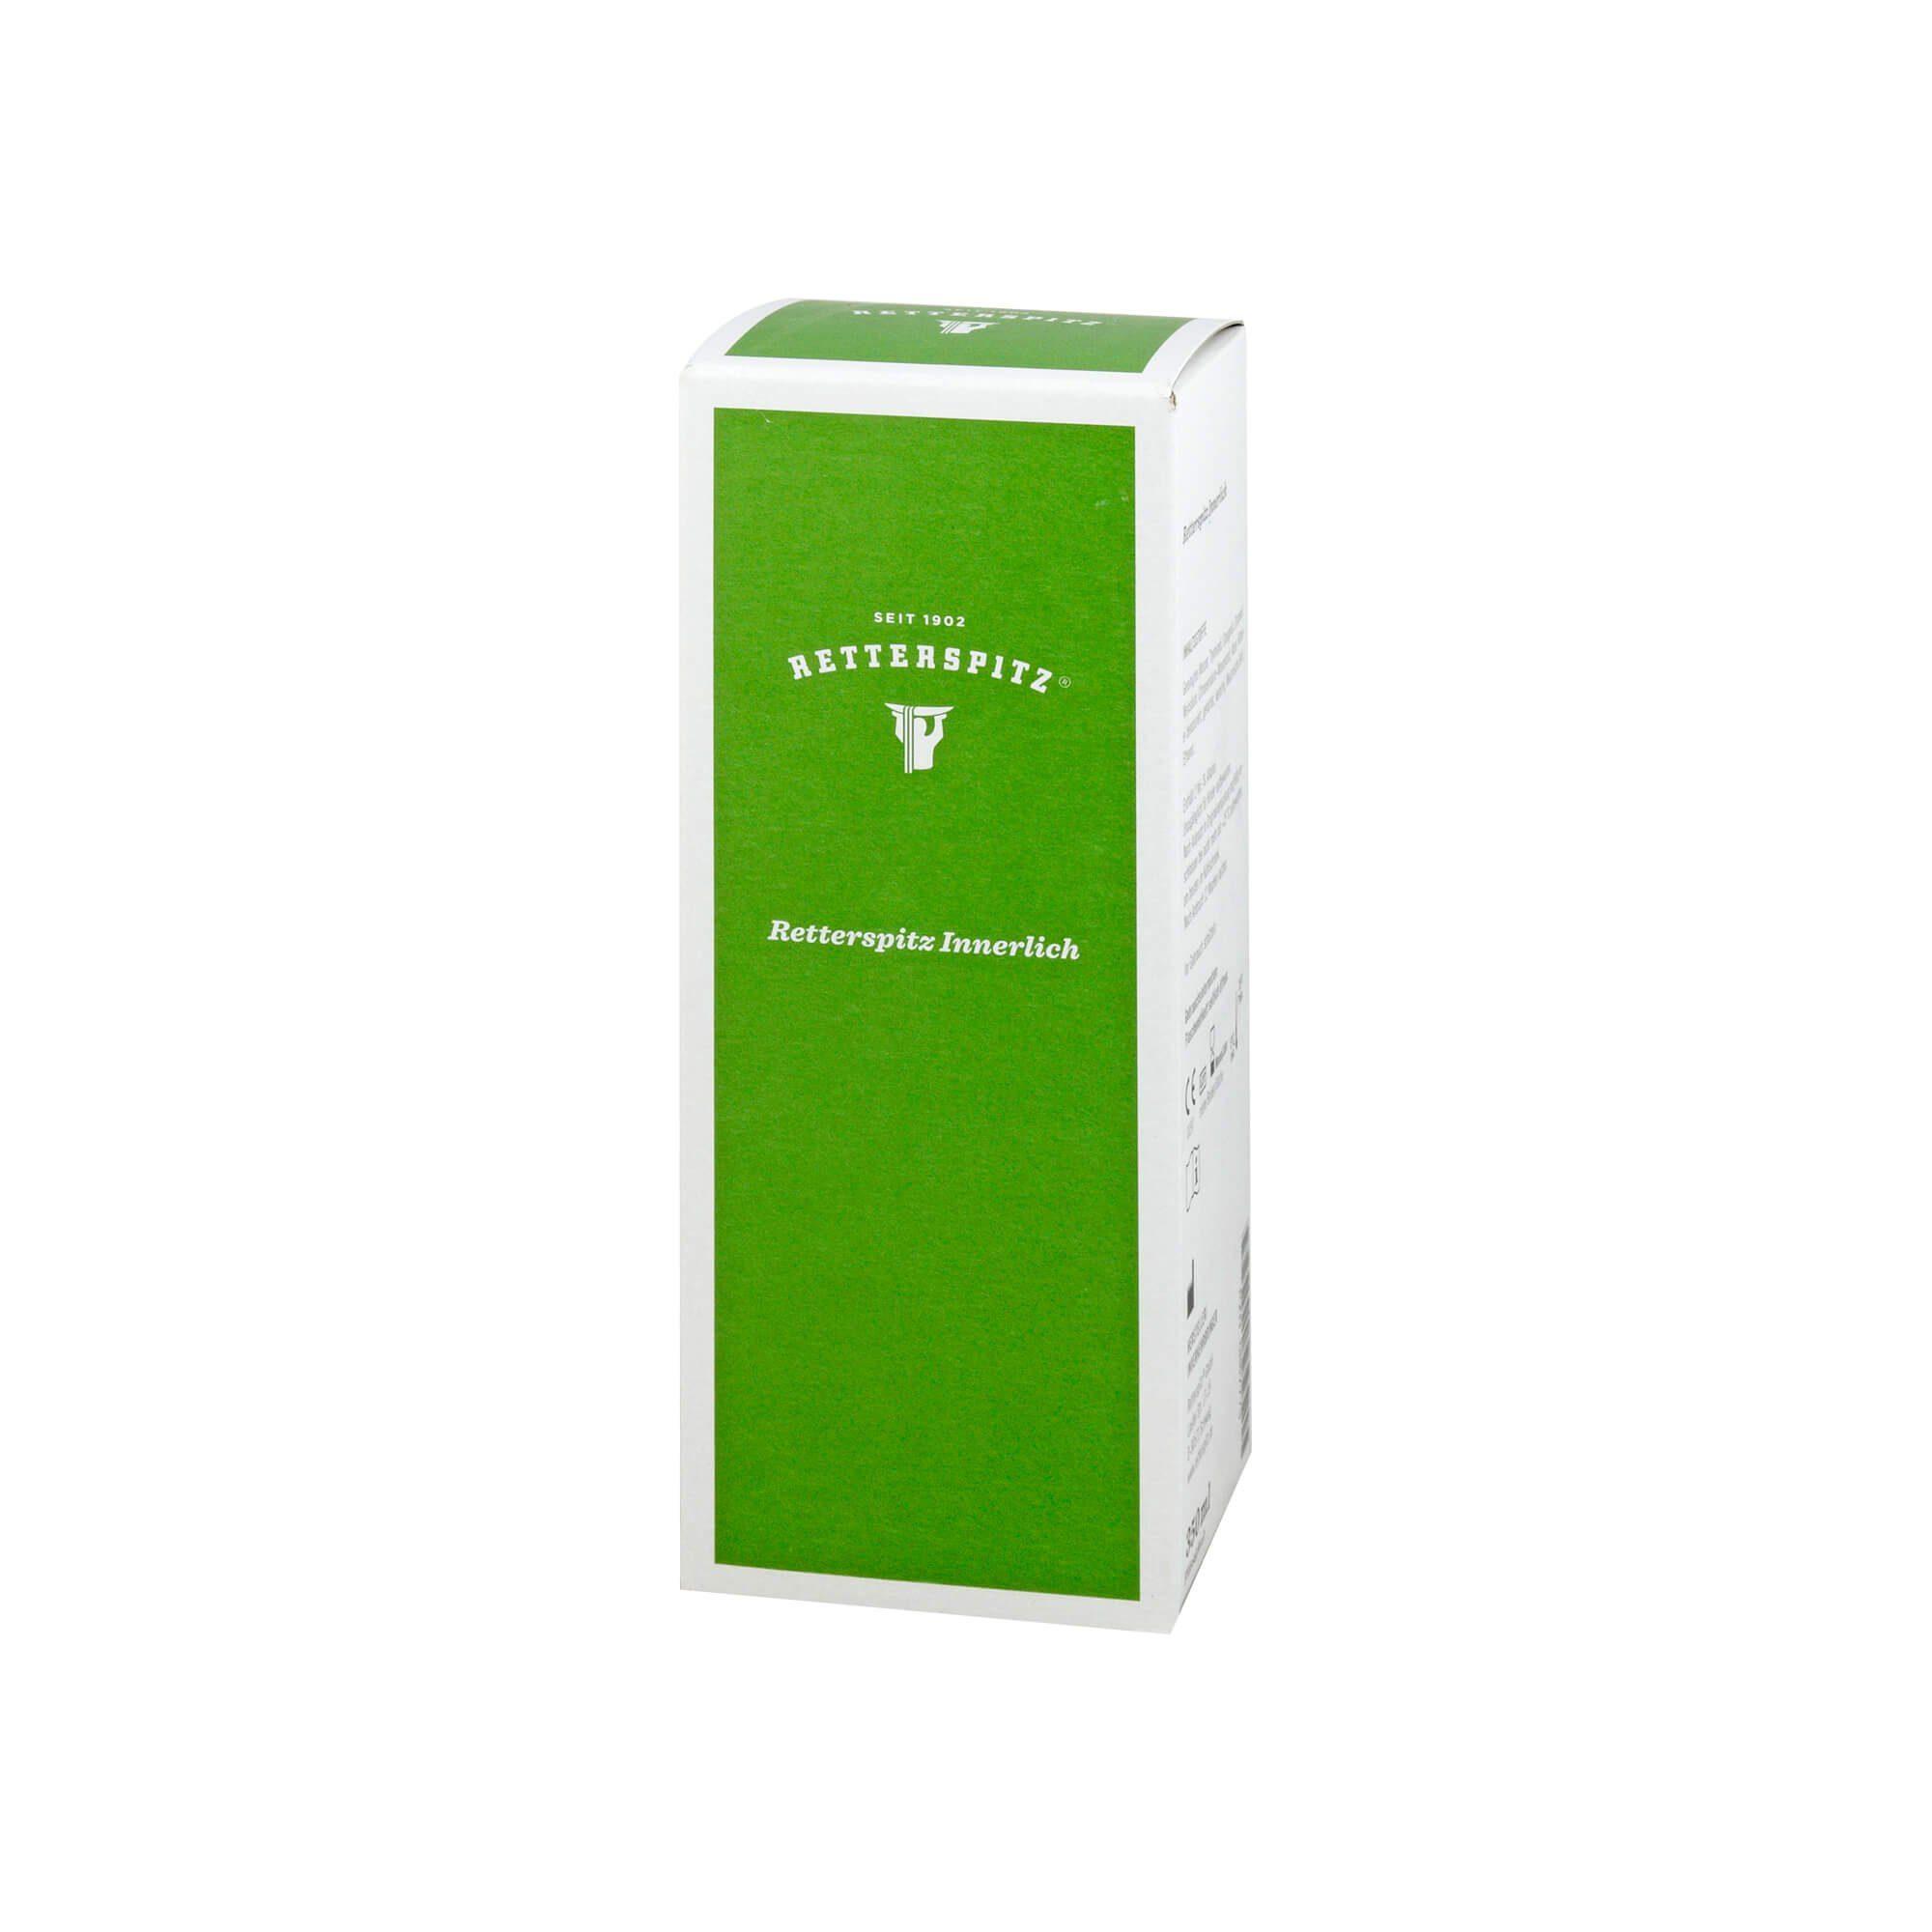 Retterspitz Wasser Innerlich , 350 ml